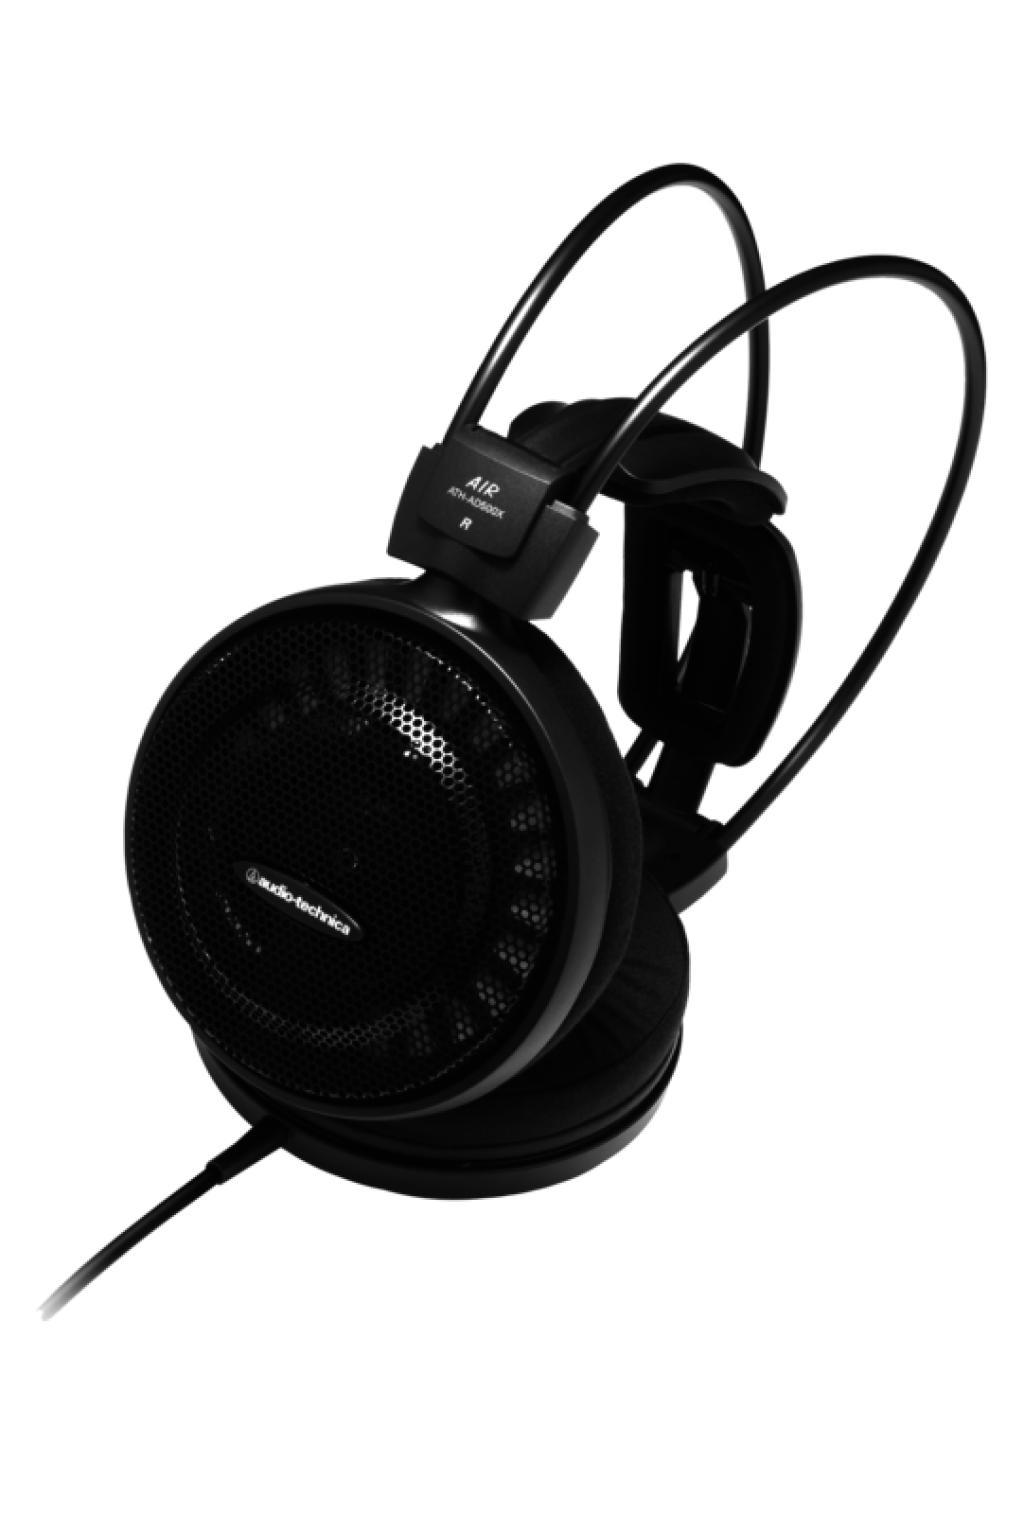 Casti Audio-technica Ath-ad500x